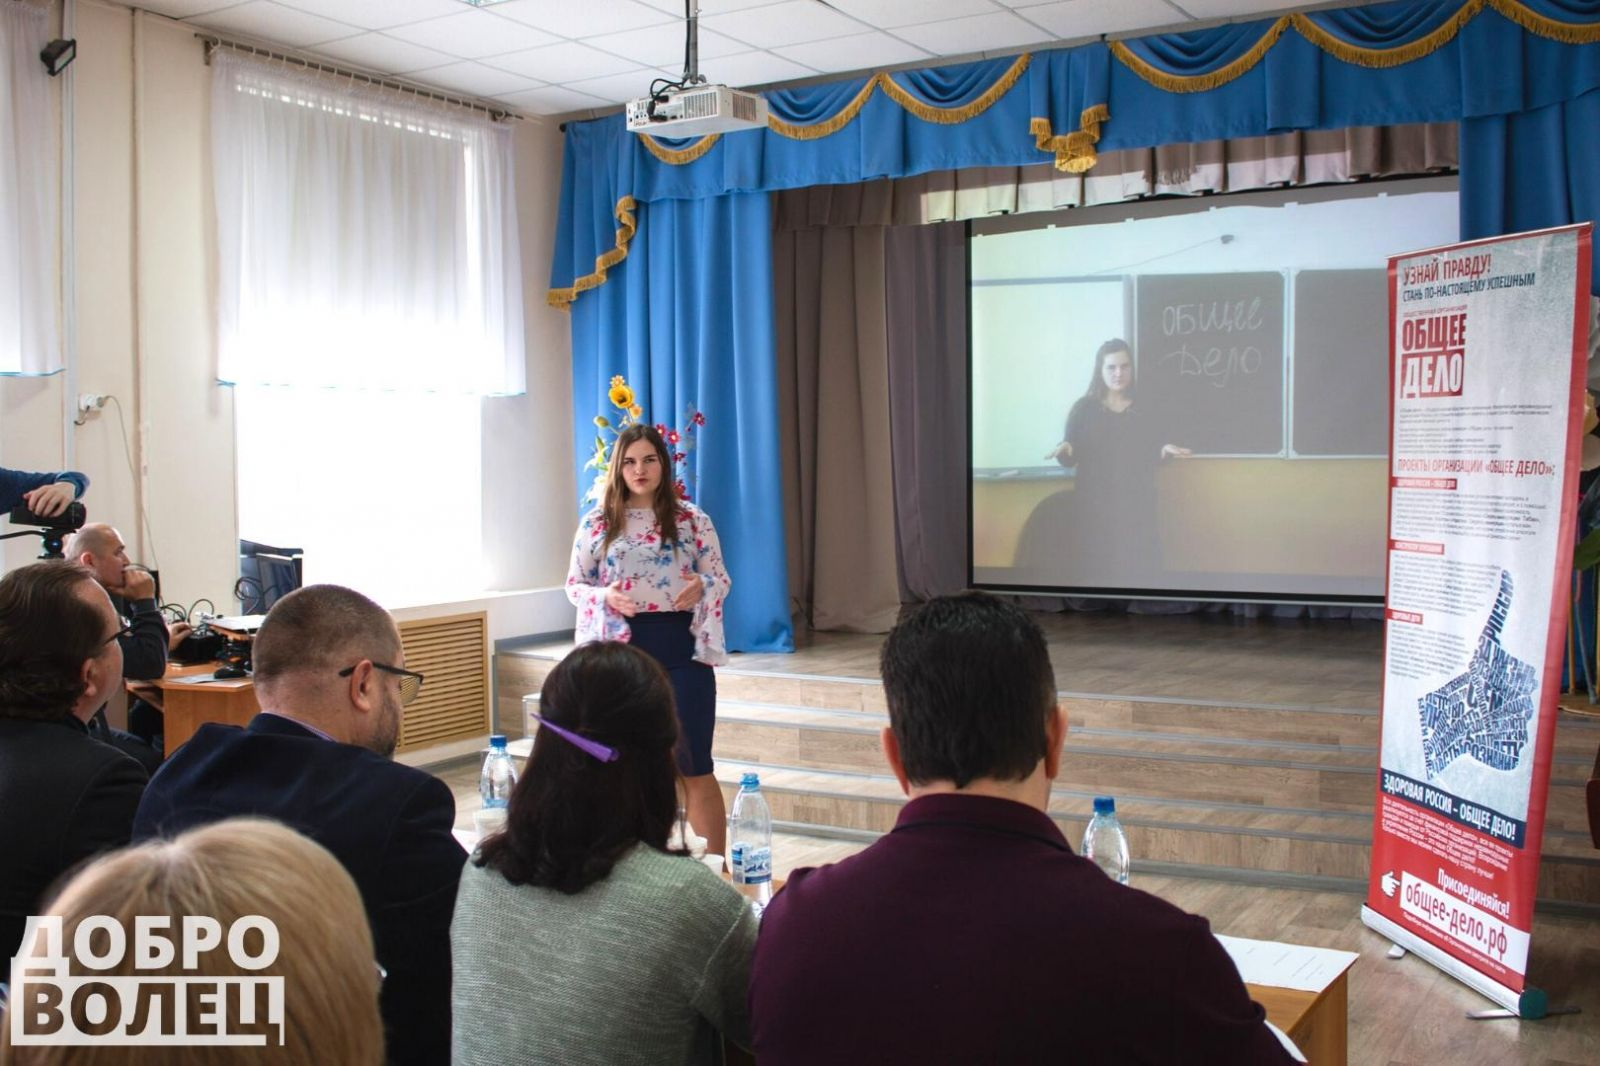 Якутян призывают присоединиться к всероссийскому конкурсу «Здоровая Россия - Общее дело»